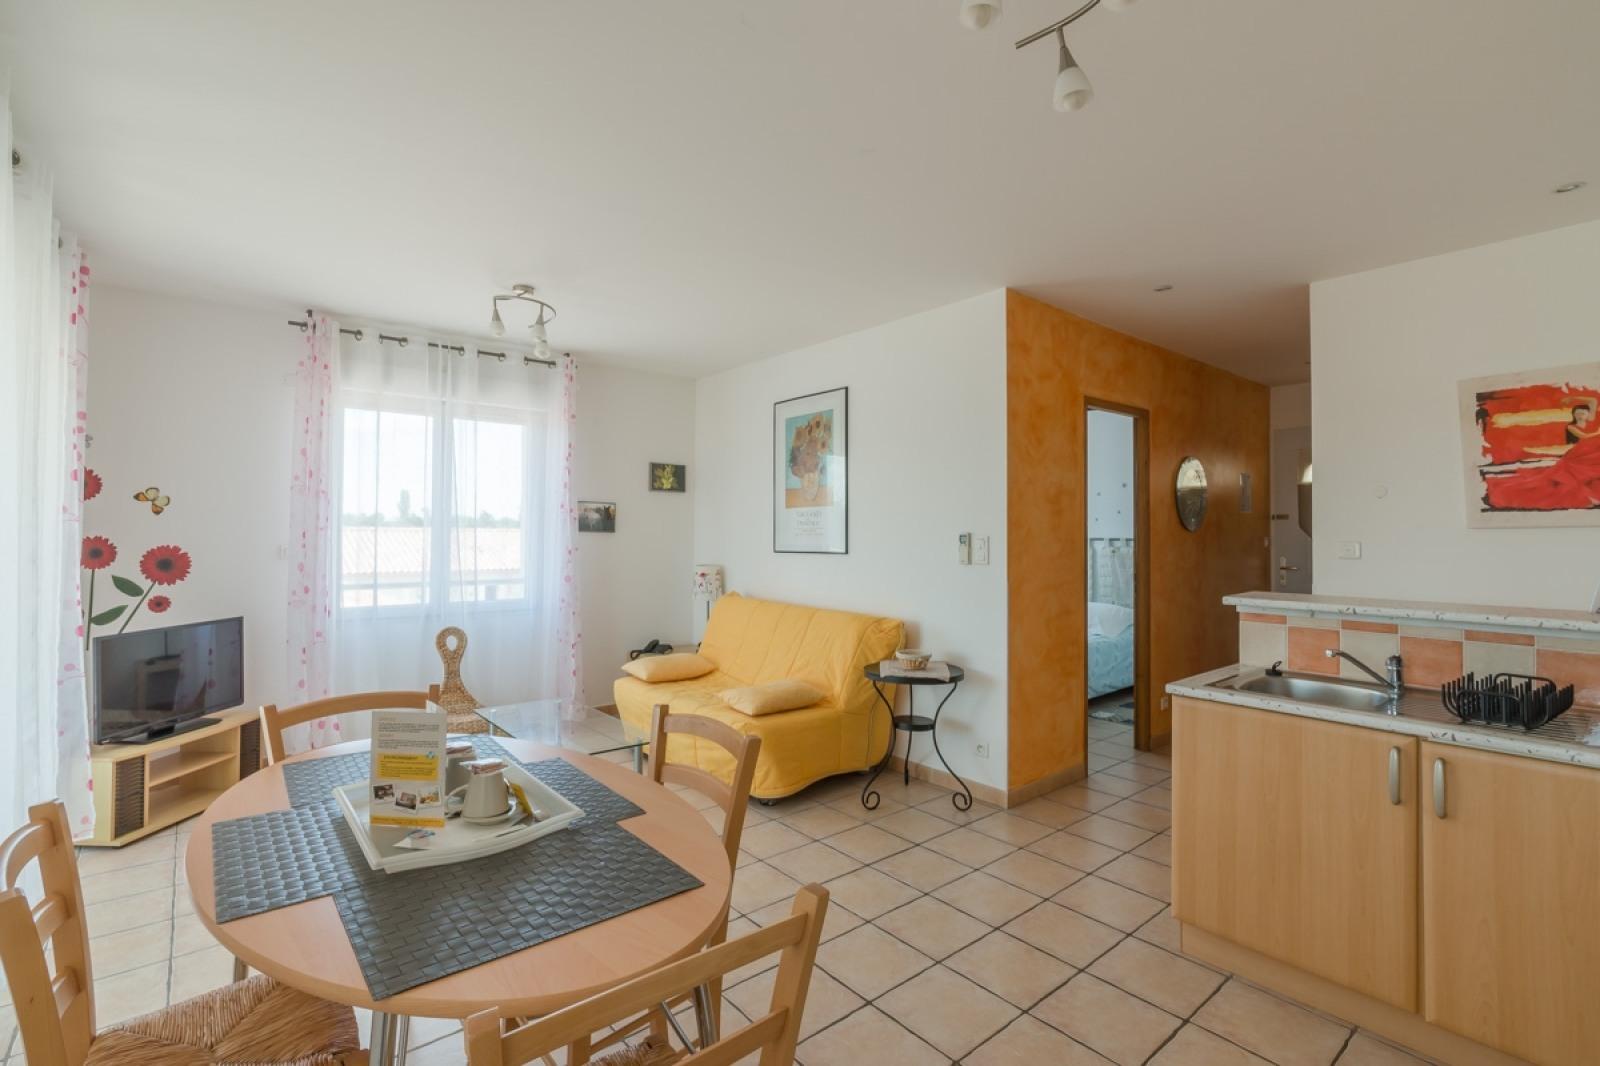 Location appartement lille louer un particulier - Appartement meuble a louer lille particulier ...